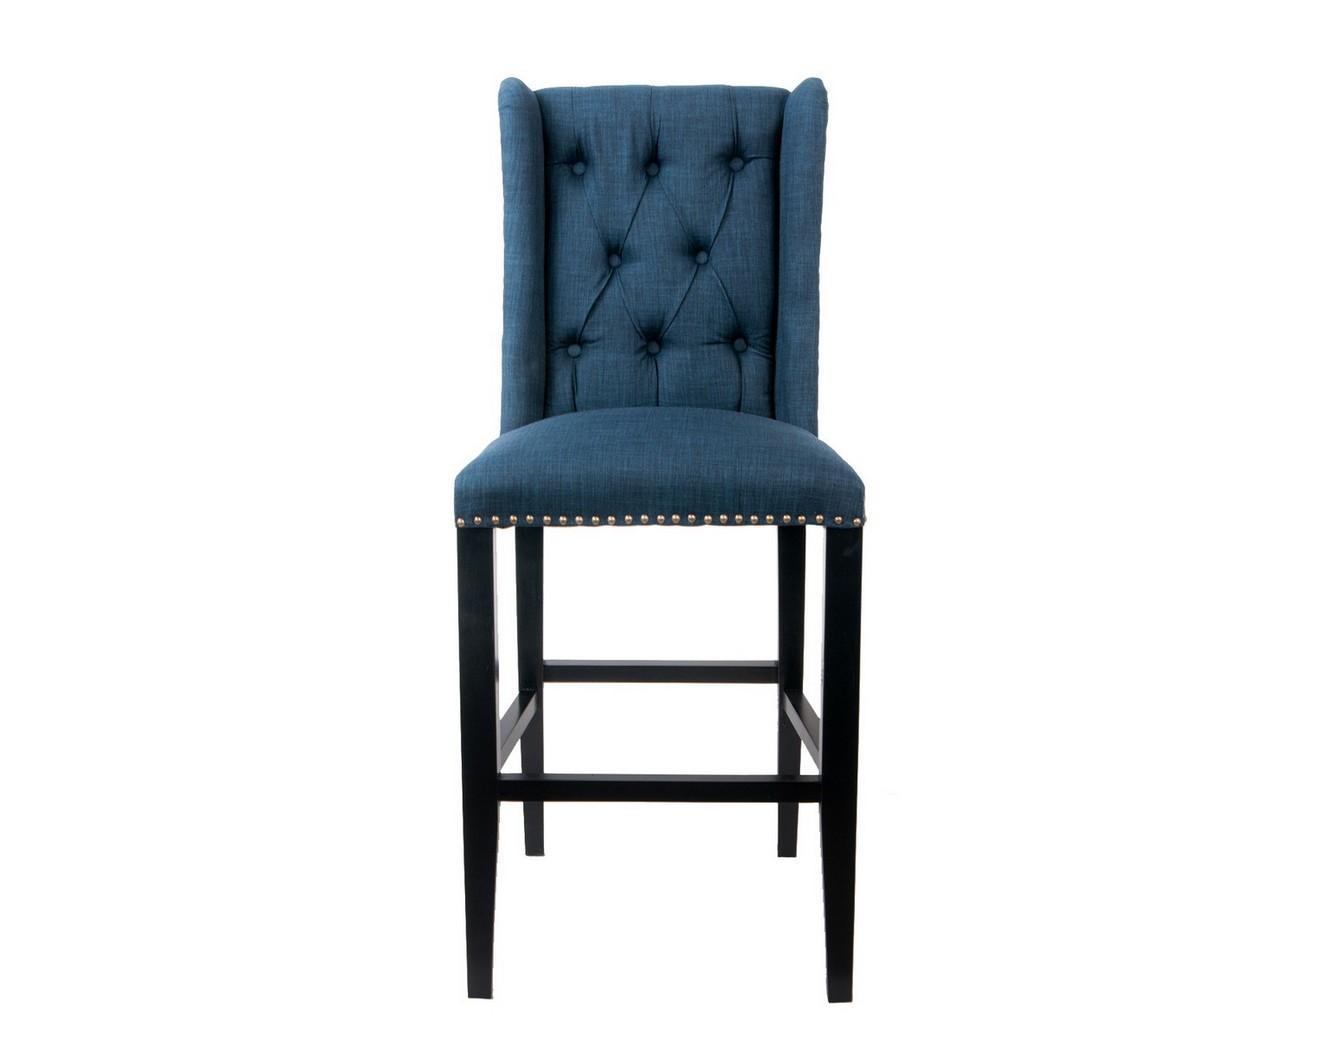 Барный стул SkiptonБарные стулья<br>Высокий барный стул выполнен из экологически чистого массива древесины высокого качества. Лаконичный дизайн и современный стиль модели сделают ваш интерьер еще более комфортным для жизни.&amp;amp;nbsp;<br><br>Material: Лен<br>Width см: 52<br>Depth см: 50<br>Height см: 125